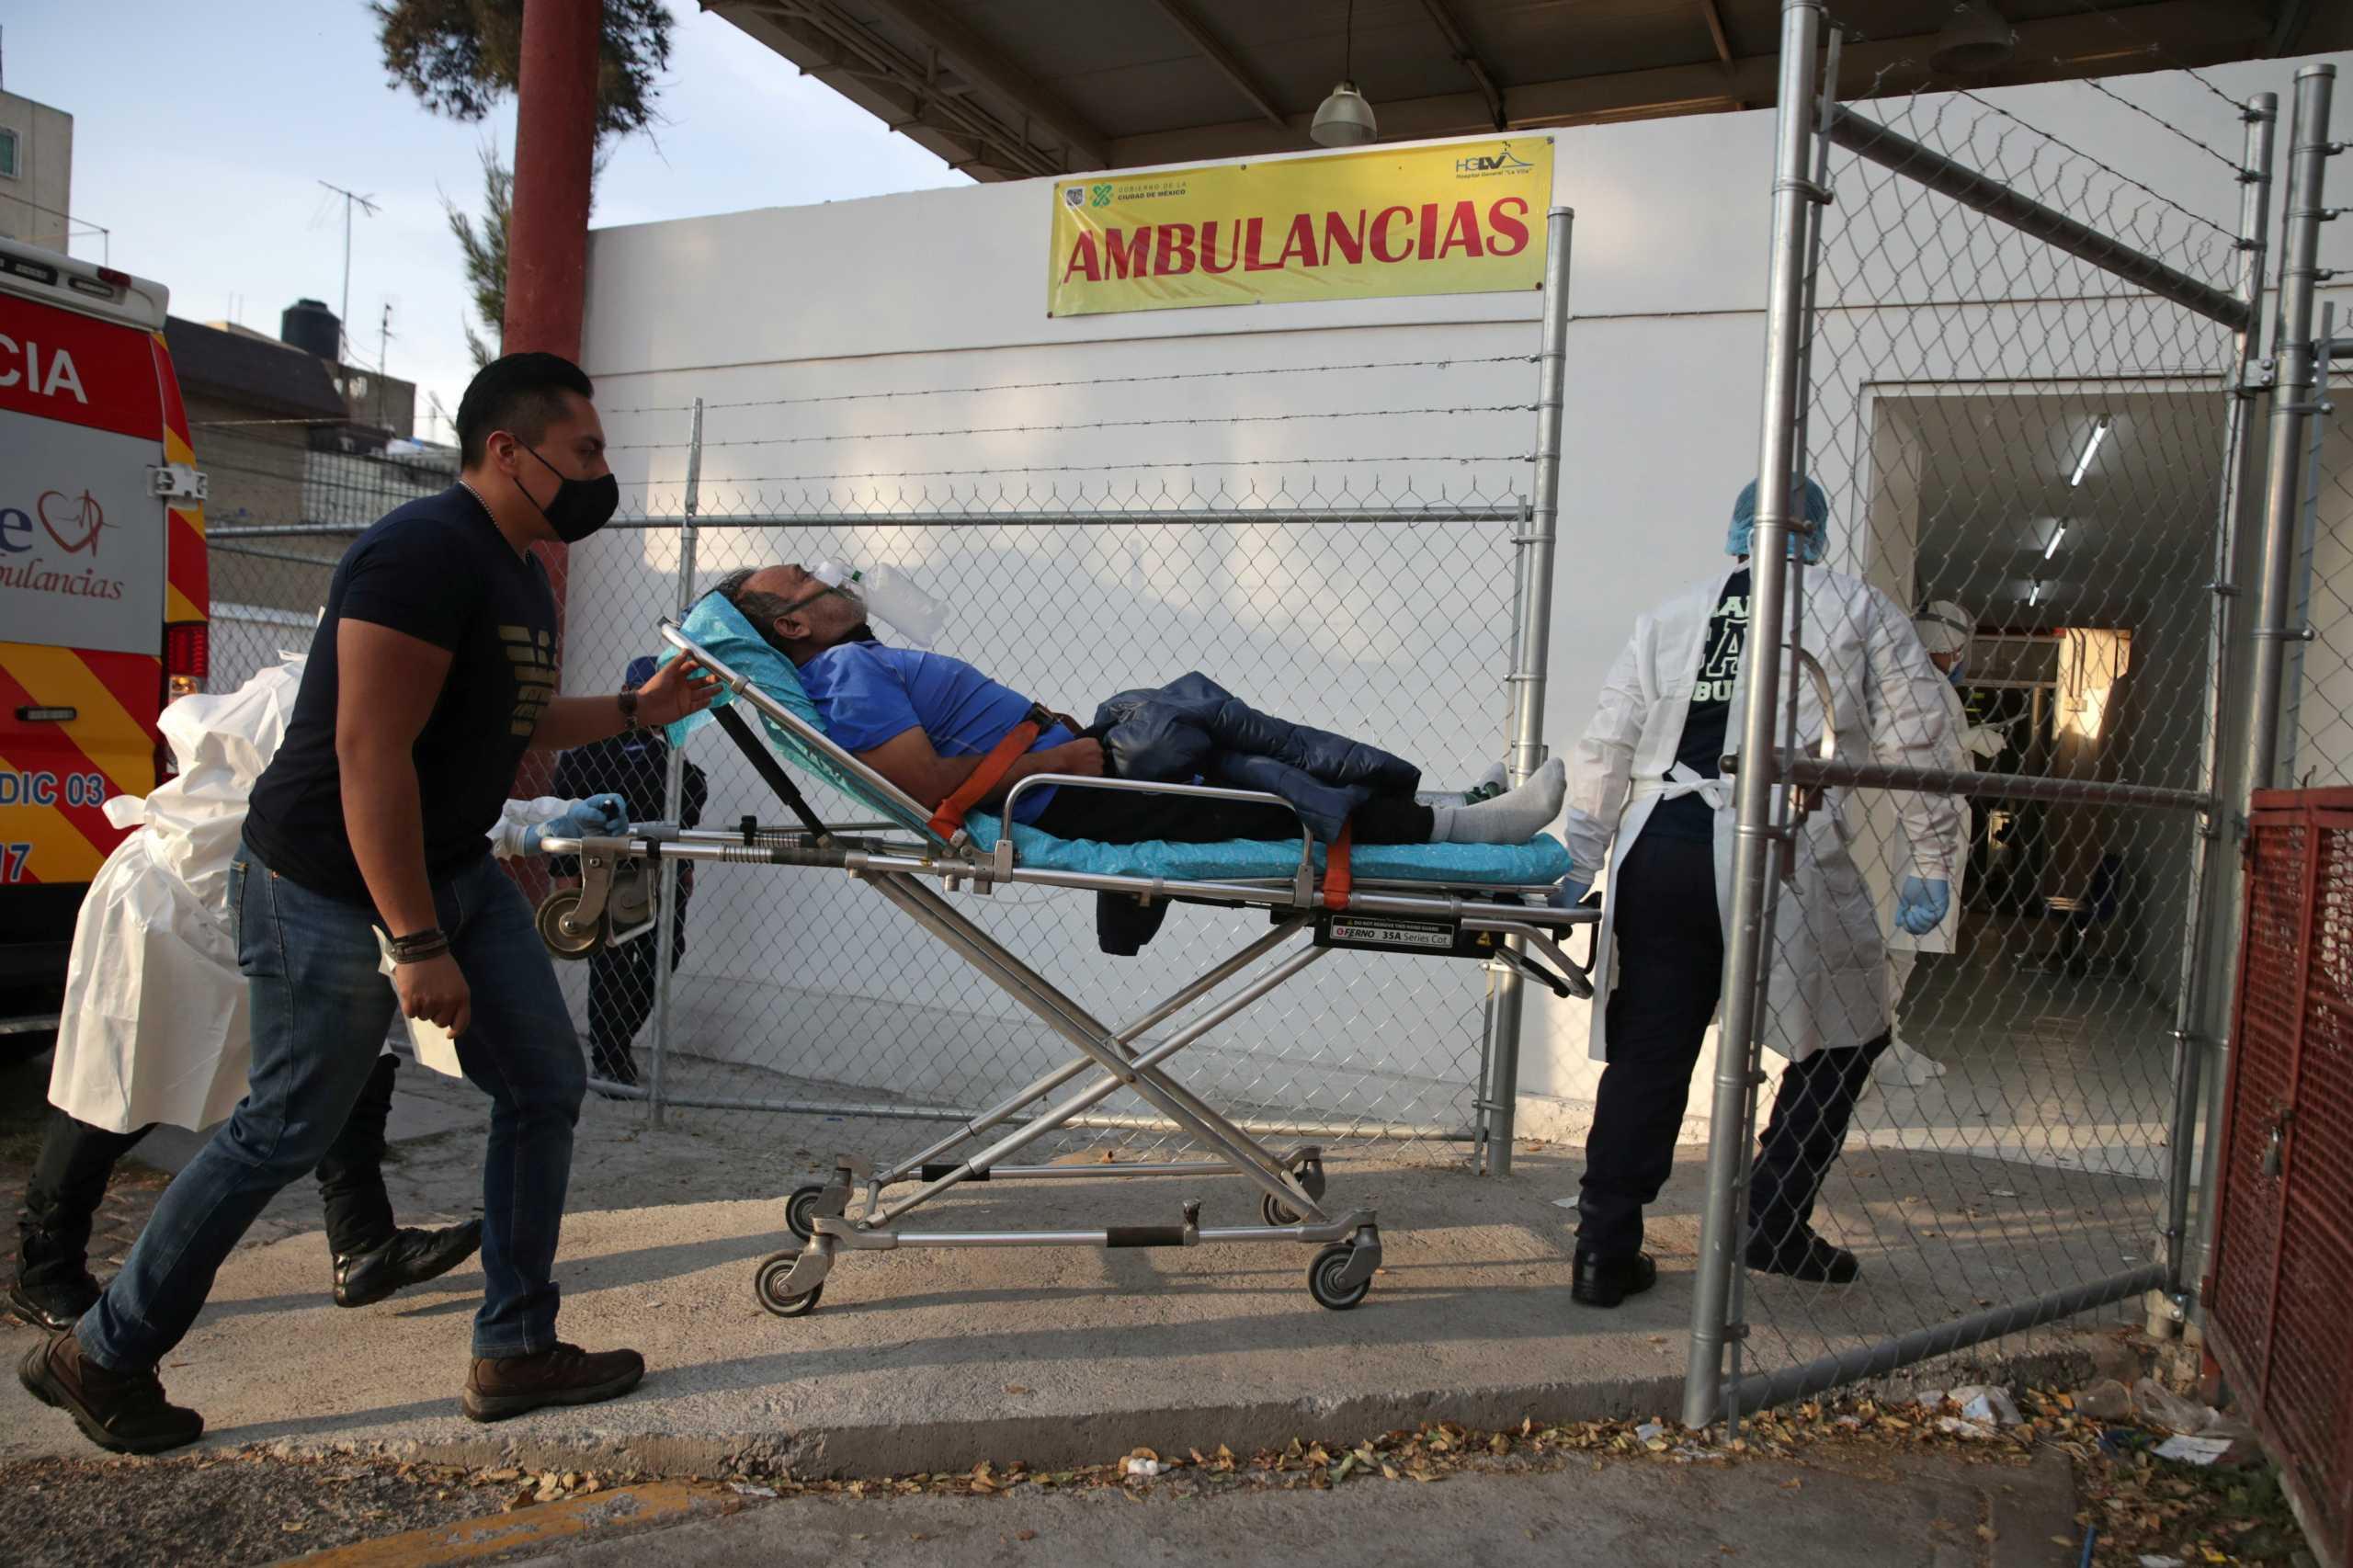 Στη δίνη του κορονοϊού η Λατινική Αμερική: 72.715 κρούσματα μόνο στη Βραζιλία